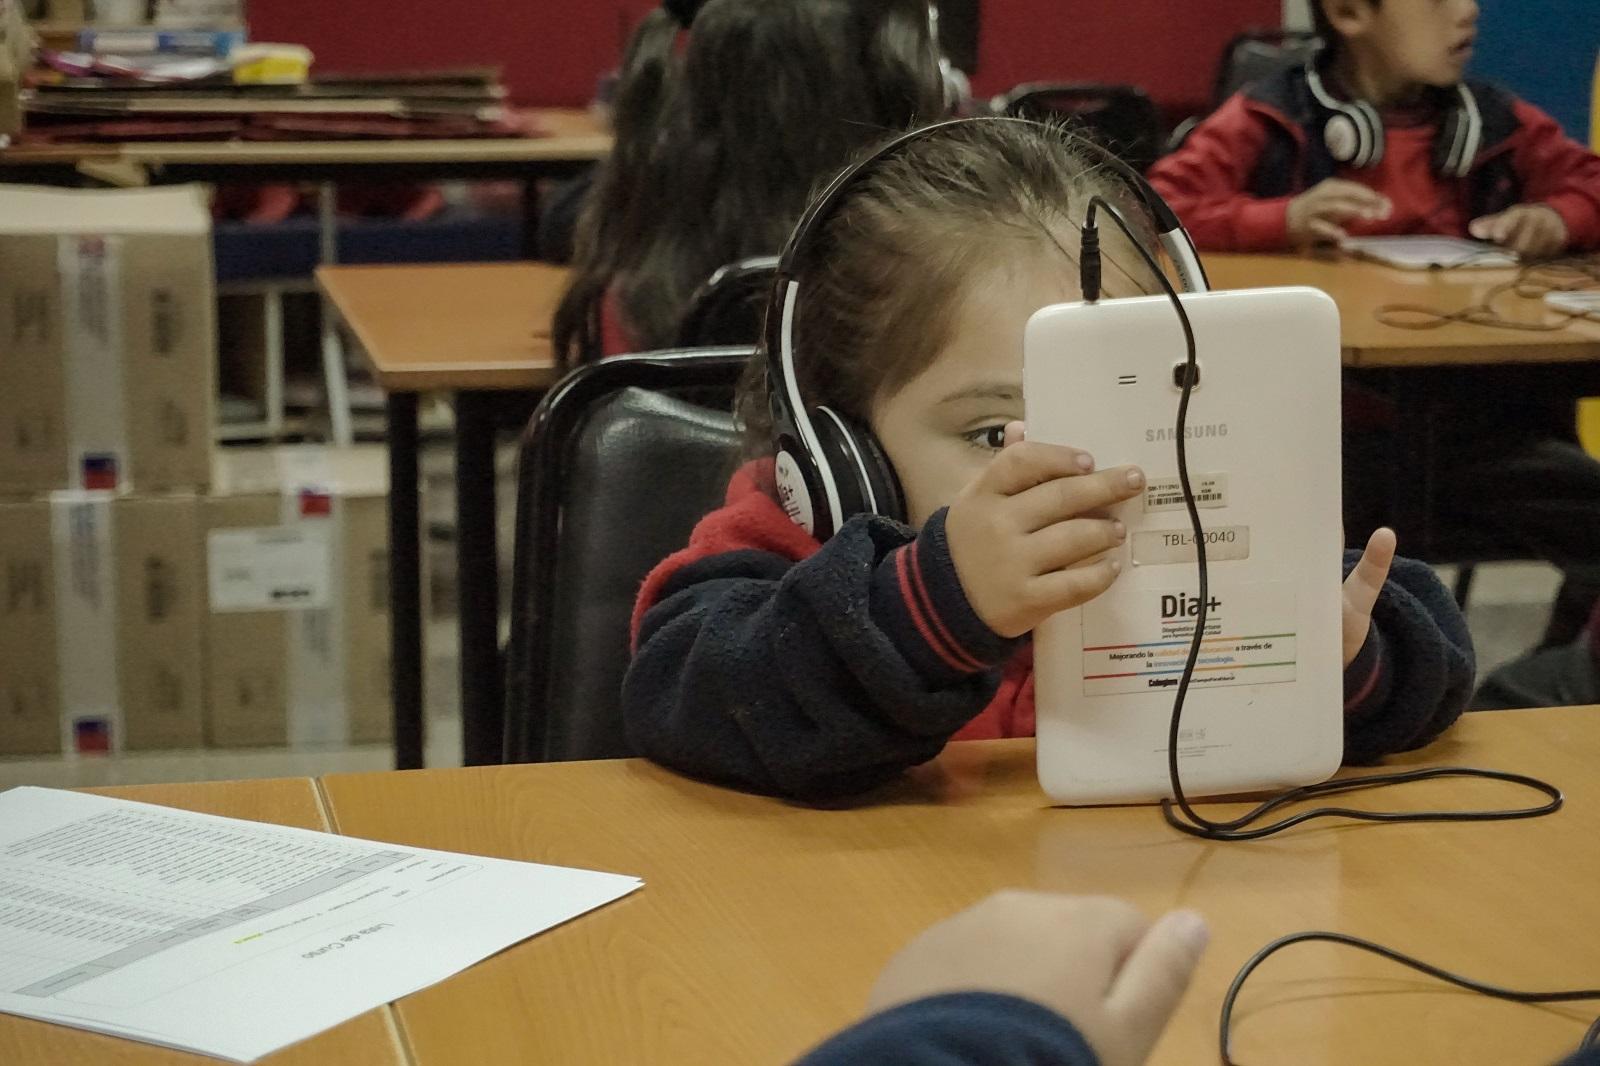 U ANDES Develops Dialect Platform to Assess K-12 Reading Skills